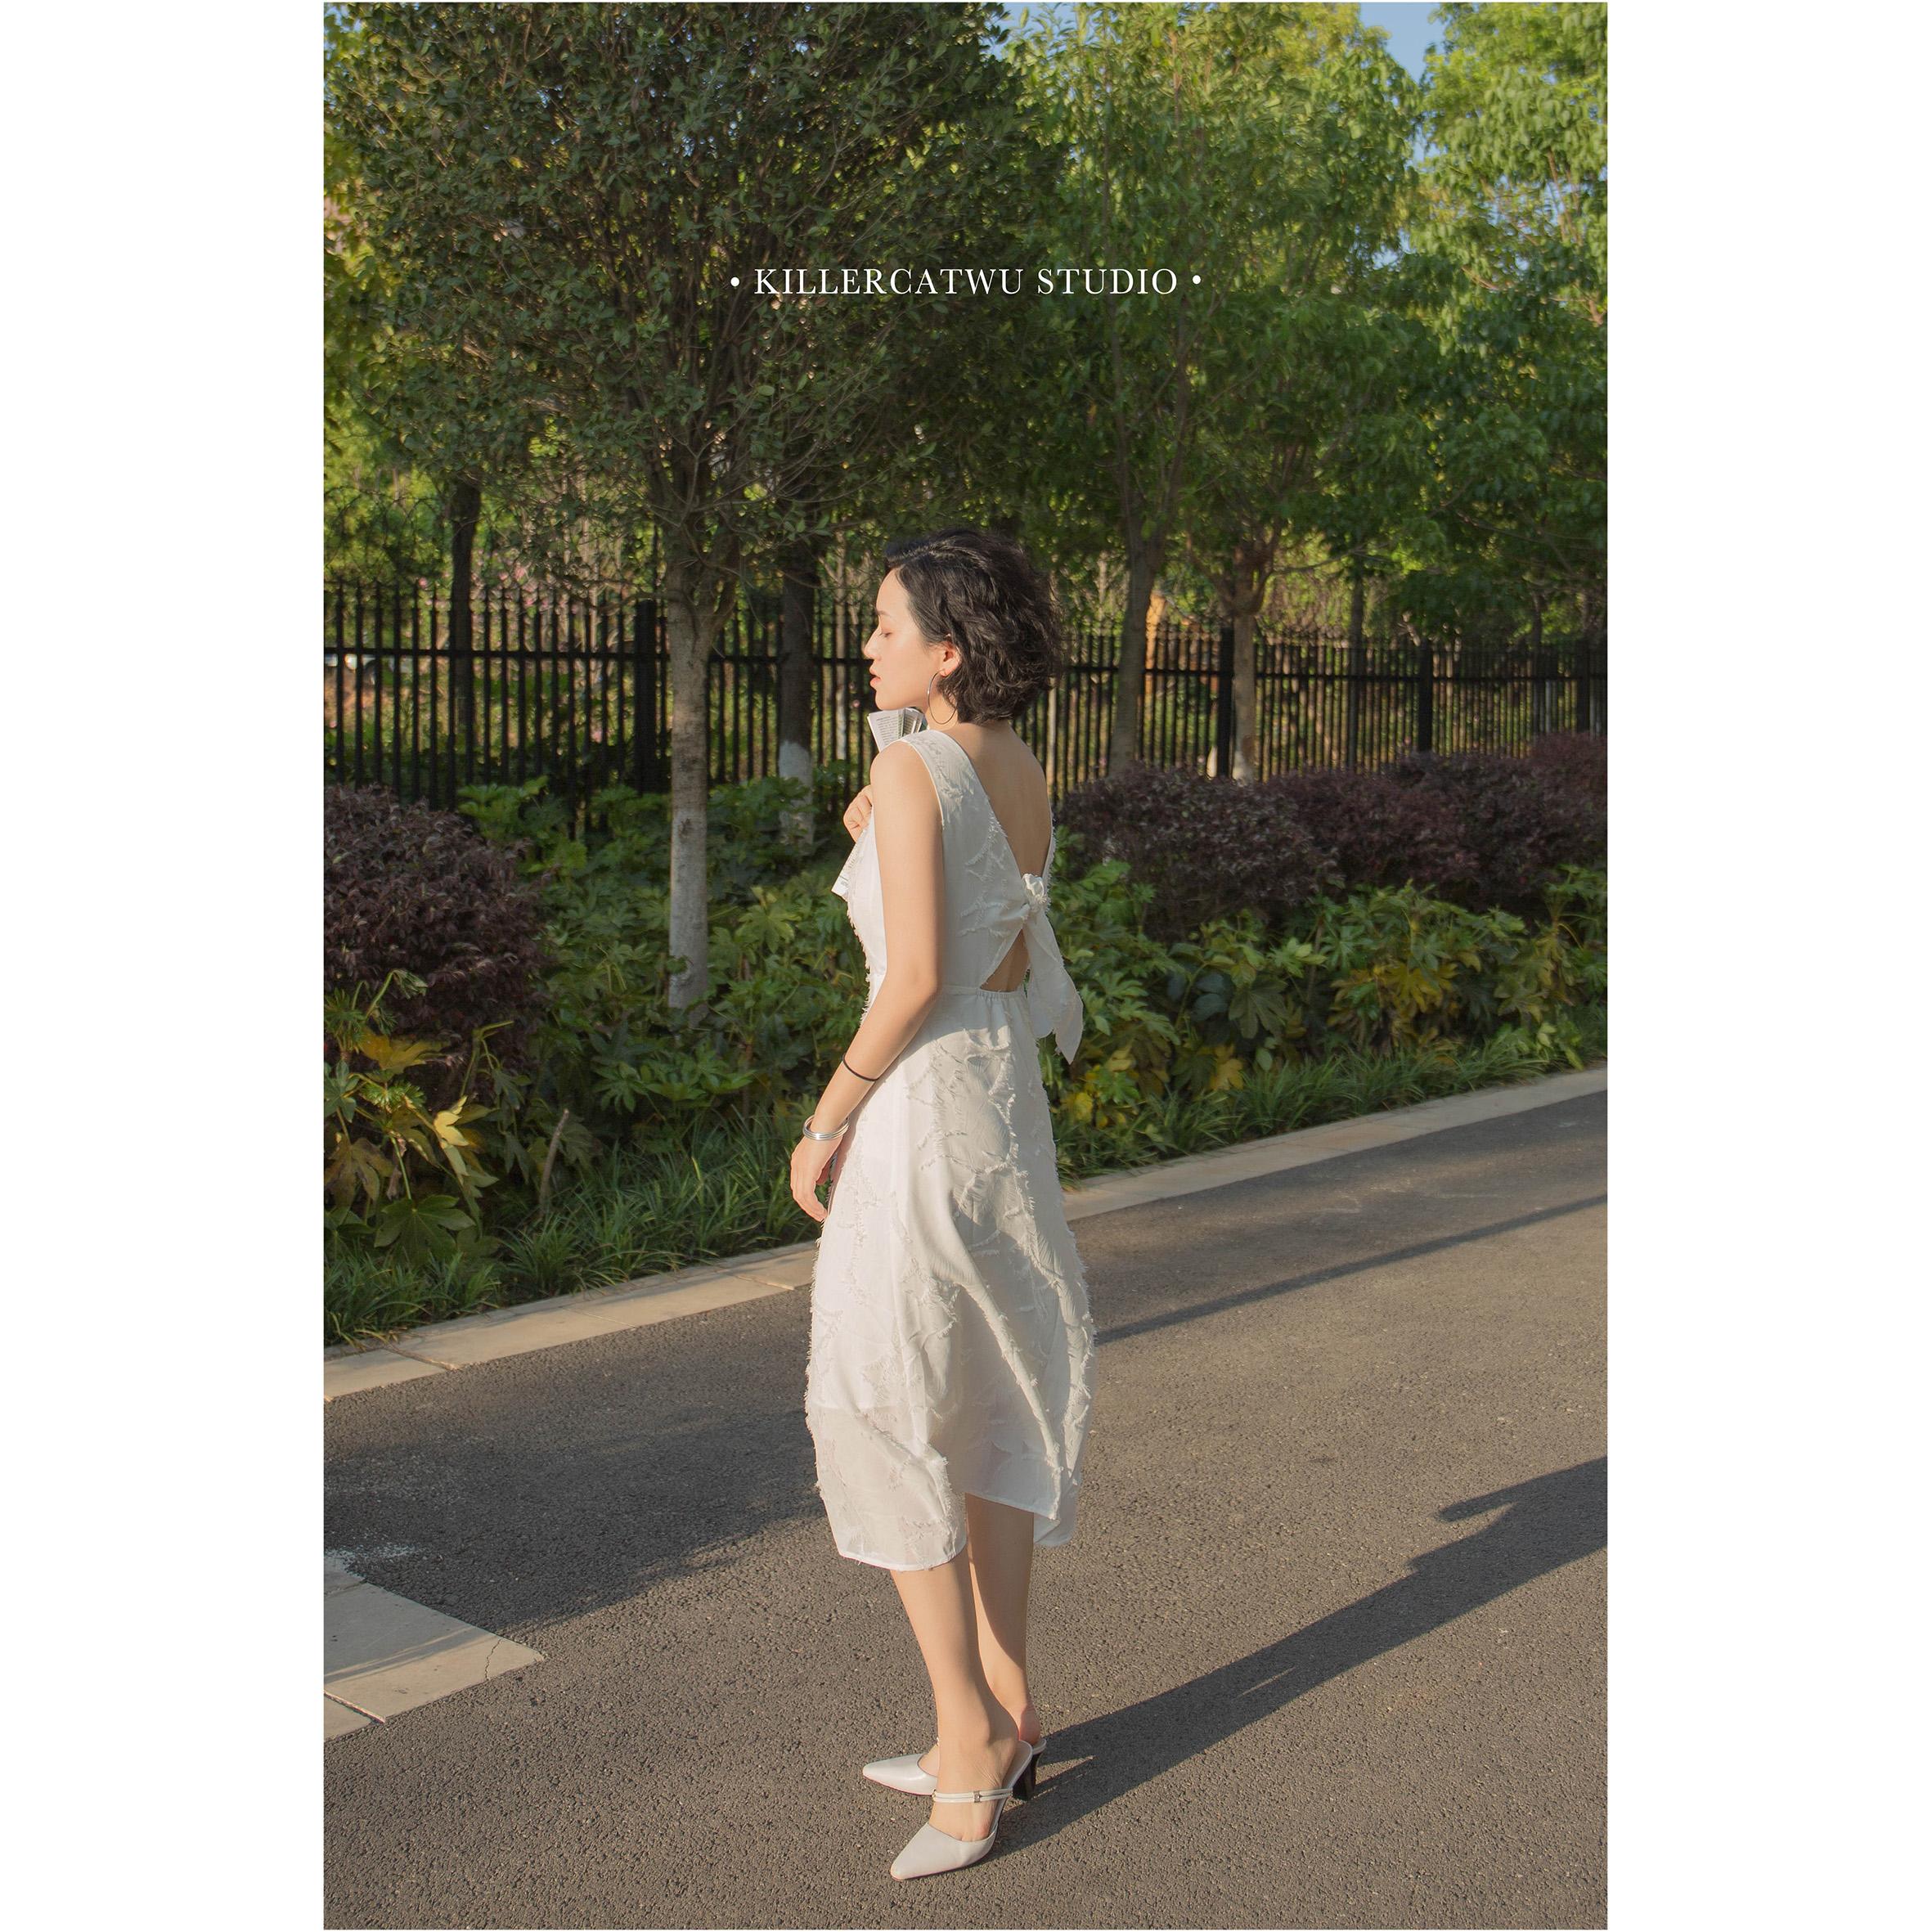 Killercatwu gentle wind summer V-neck open back strap sling A-shape petal solid color dress package